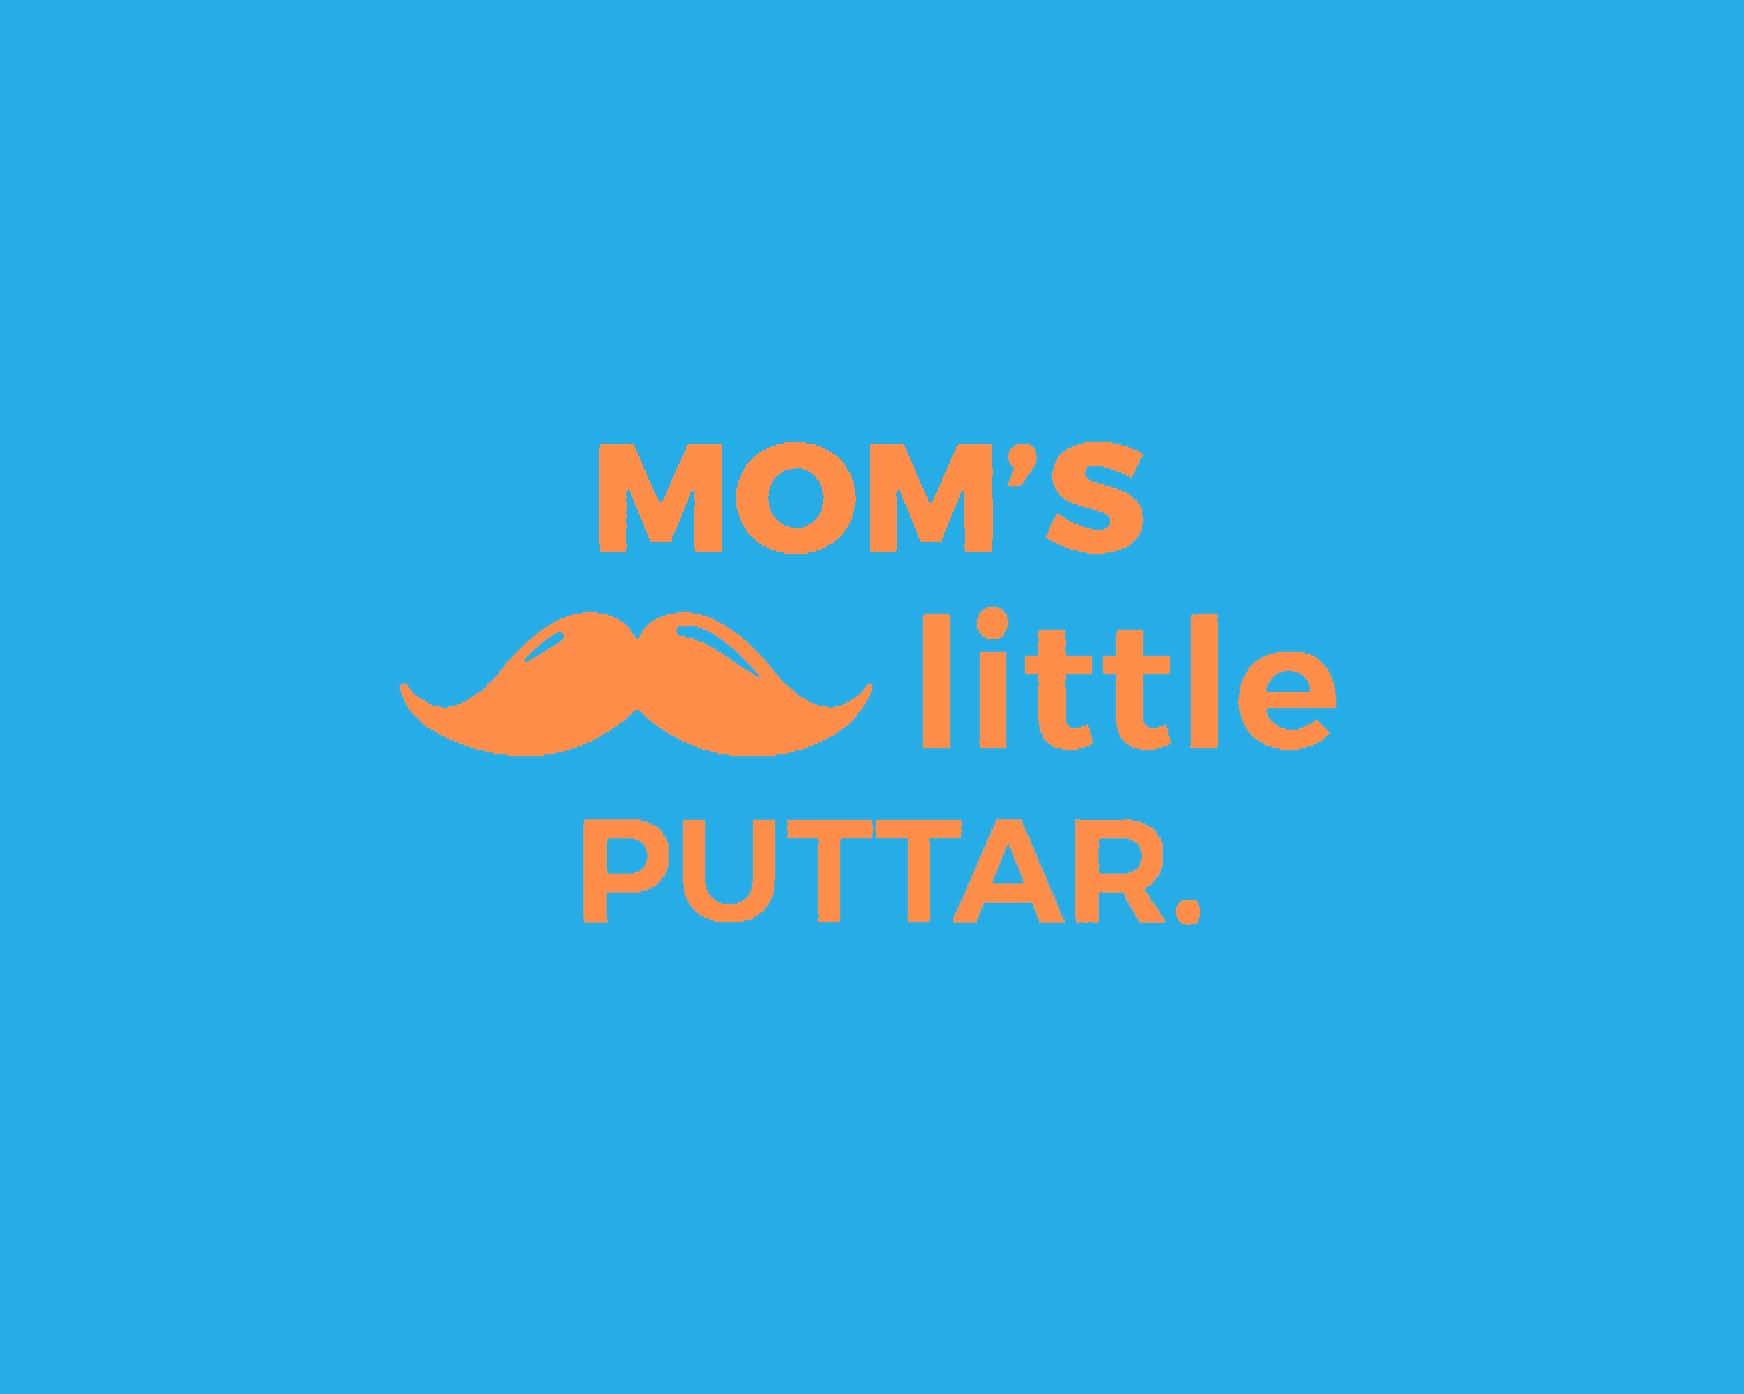 LITTLE-PUTTAR.jpg